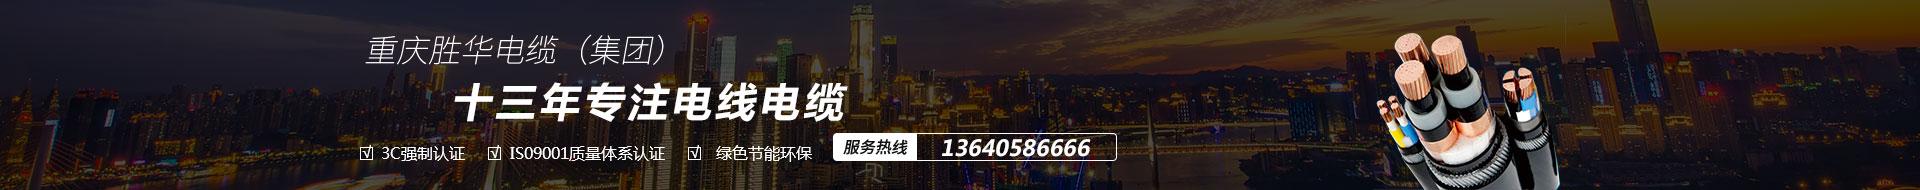 重庆电线电缆厂家